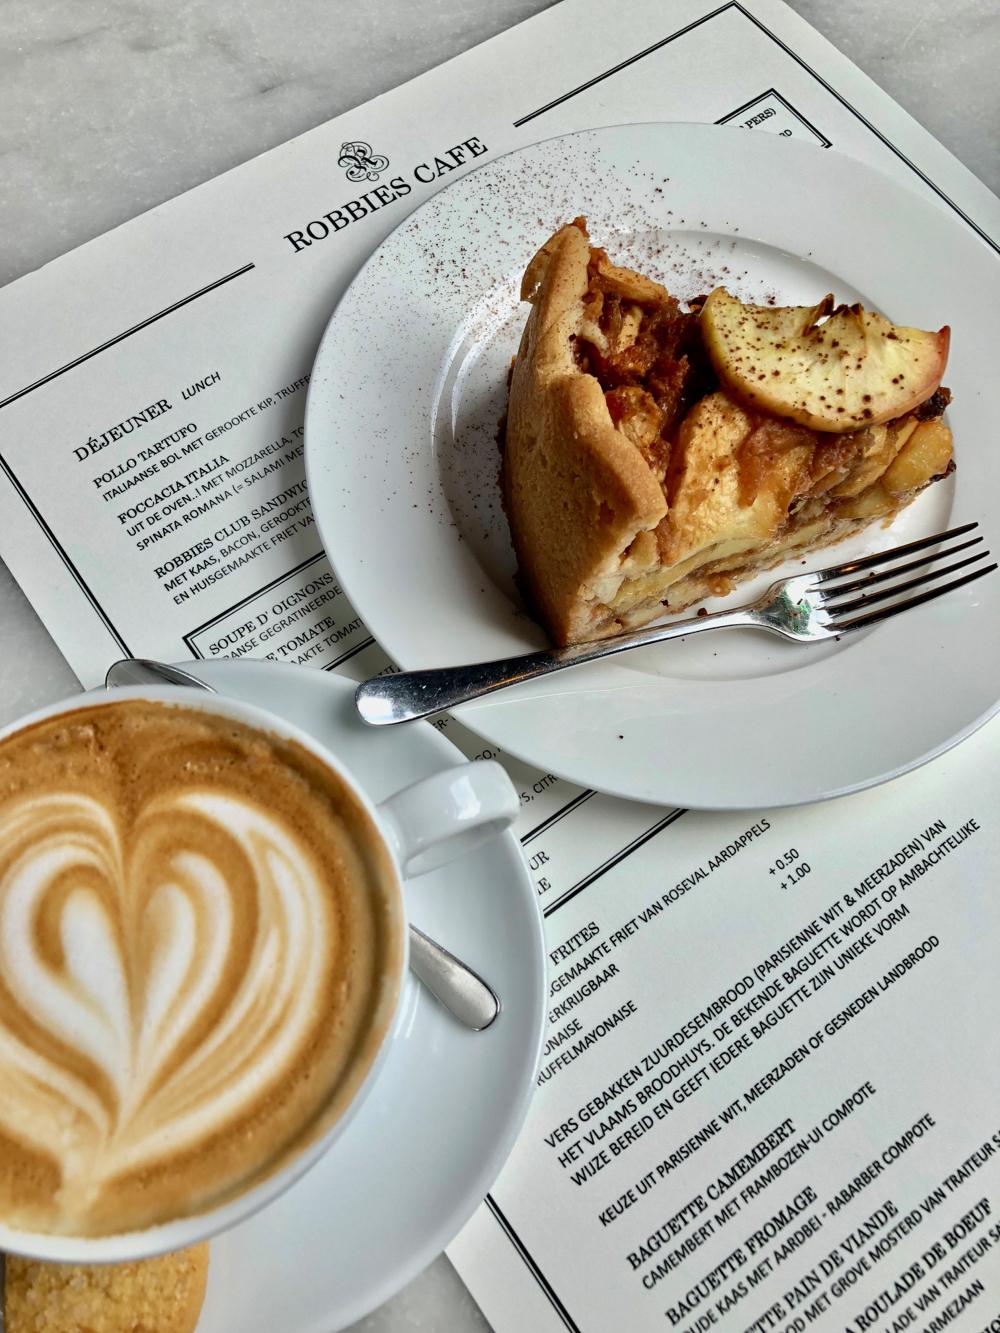 Een cappuccino en verse appeltaart op de menukaart van Robbies